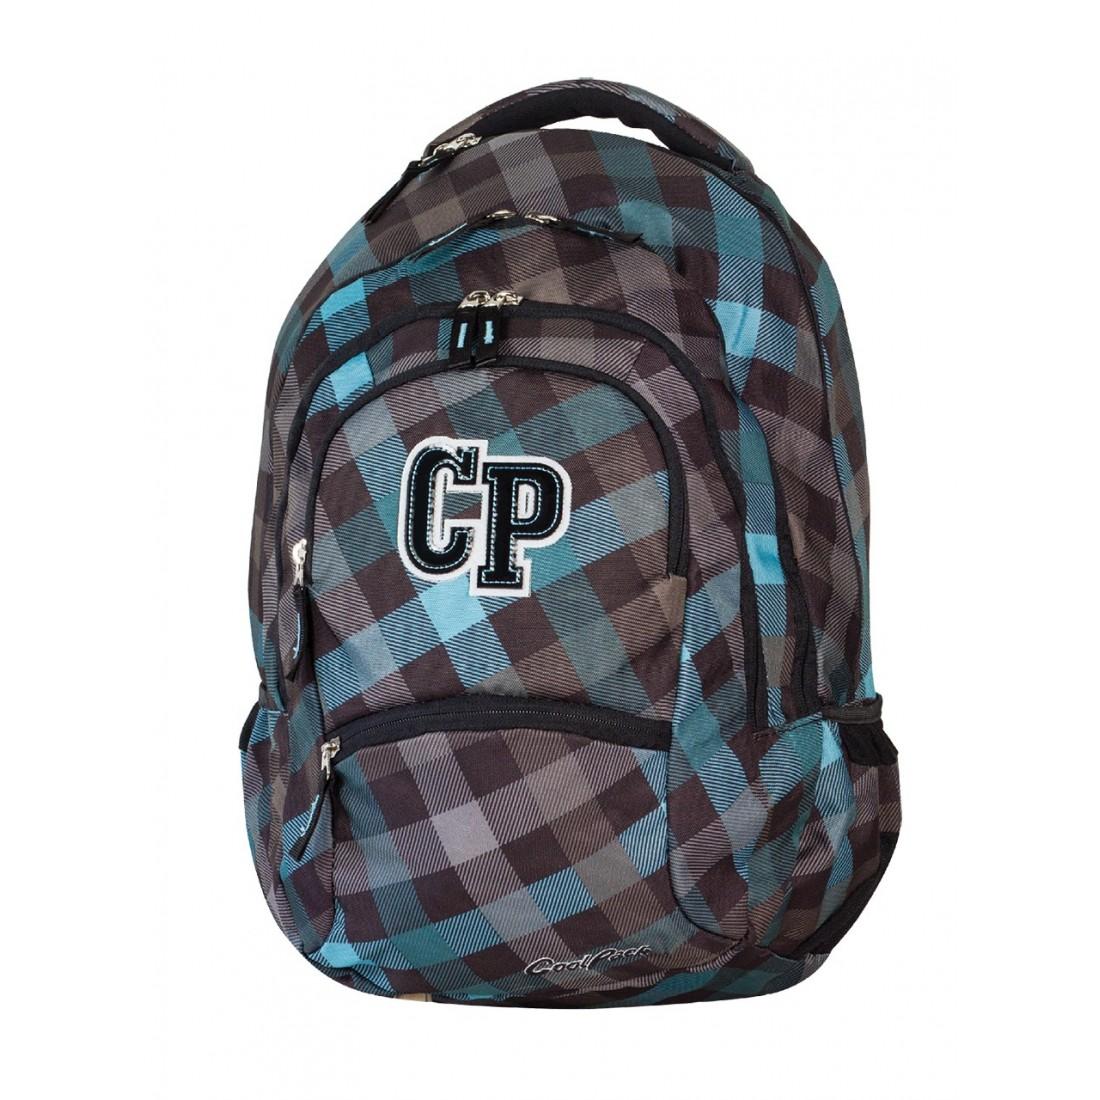 Plecak młodzieżowy CoolPack CP szary w kratkę - 5 przegród COLLEGE CLASSIC GREY 485 - plecak-tornister.pl